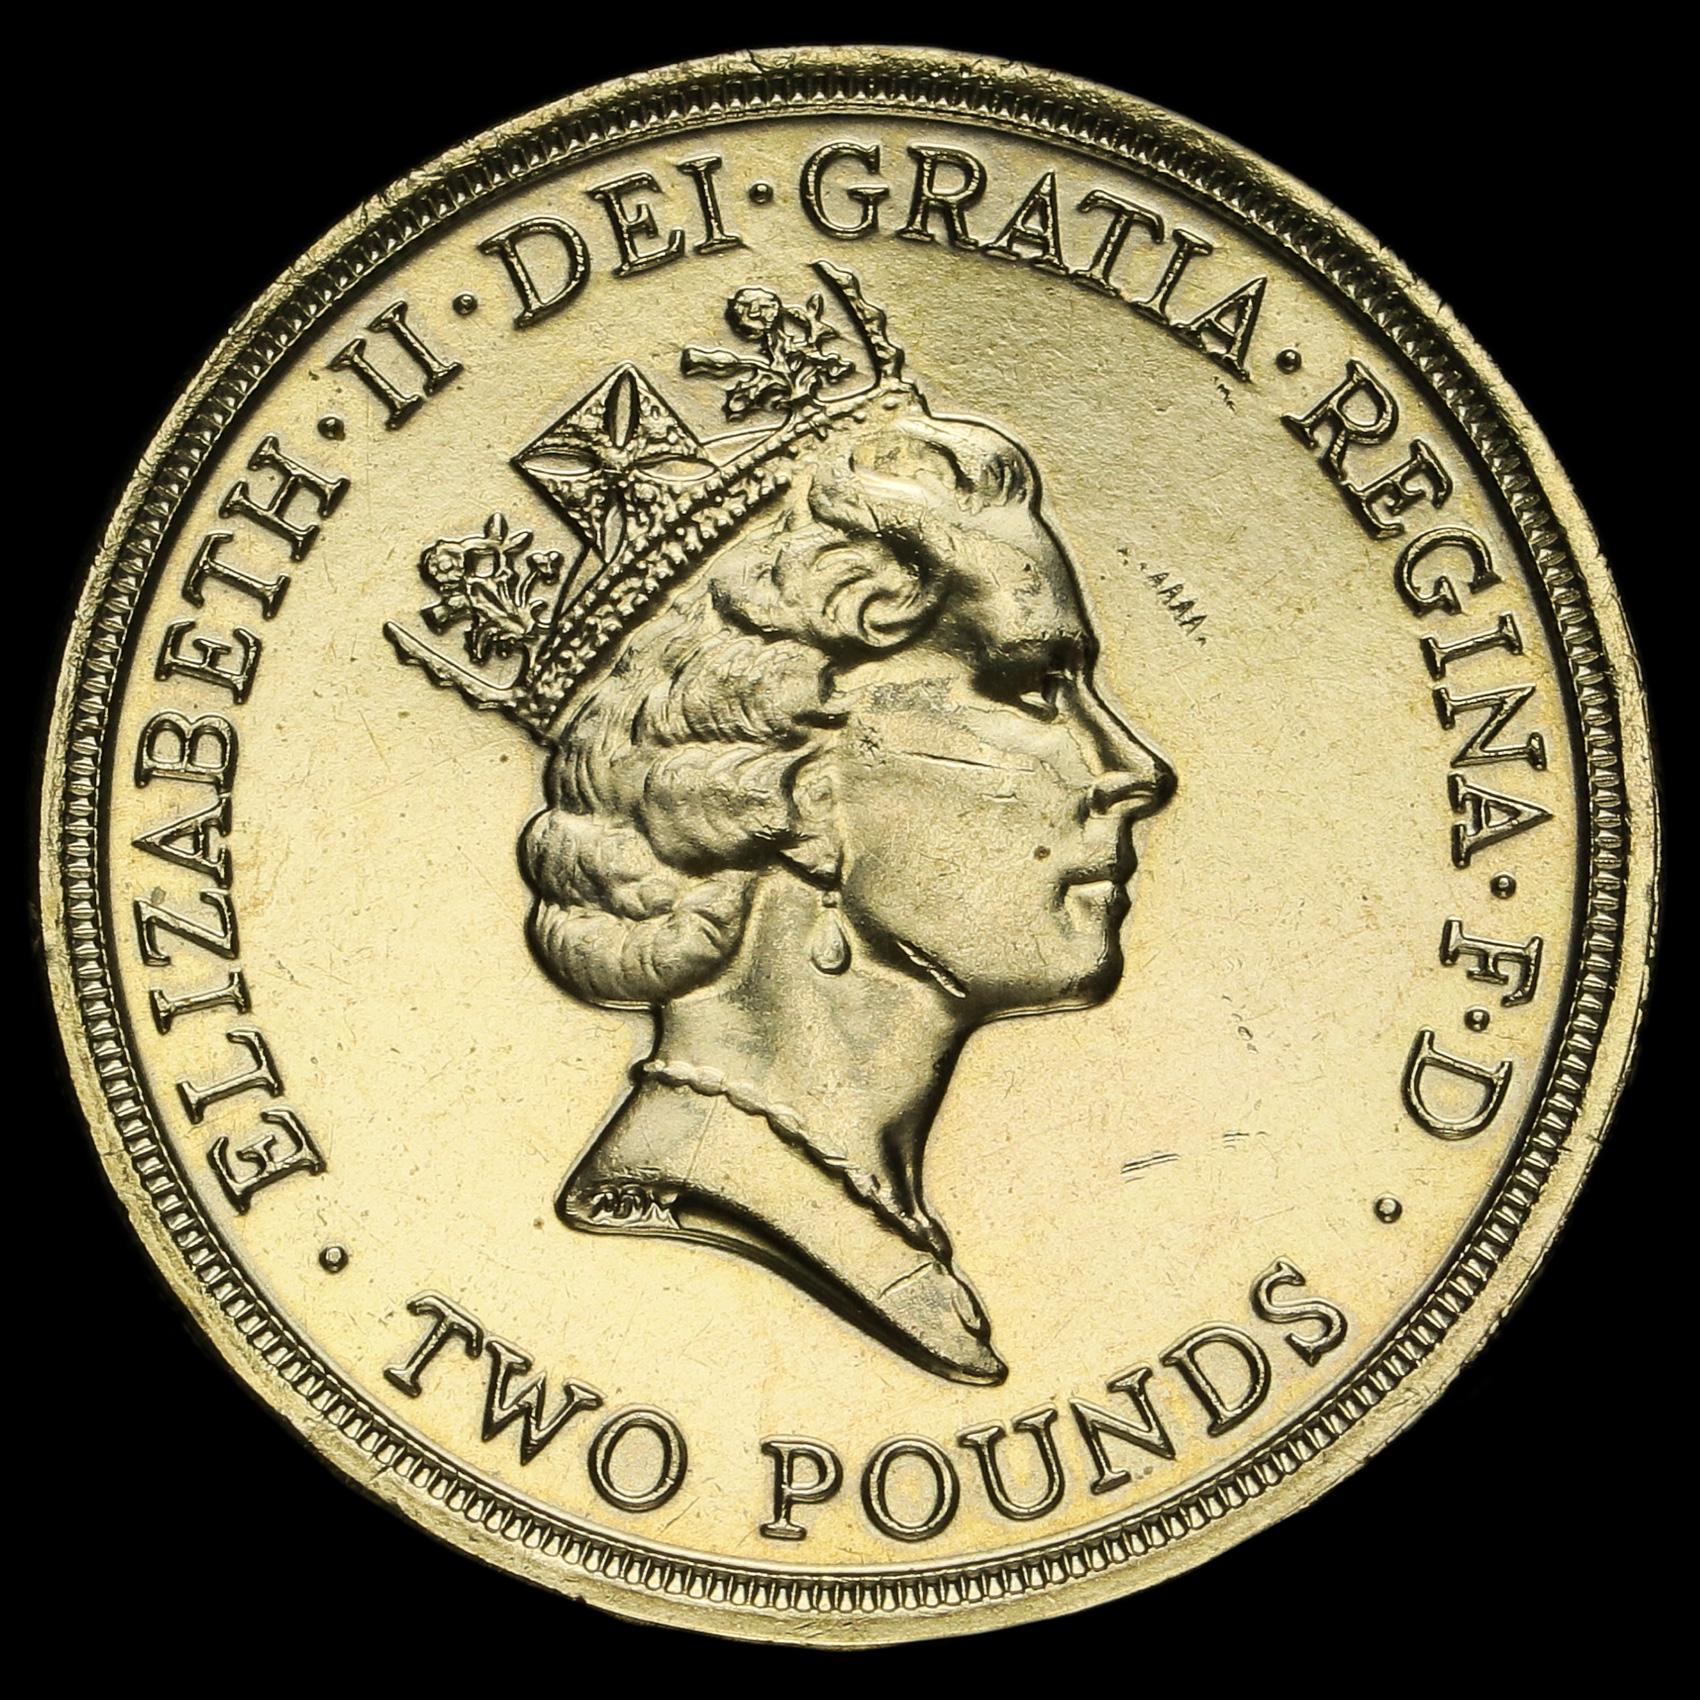 elizabeth 2 coin worth